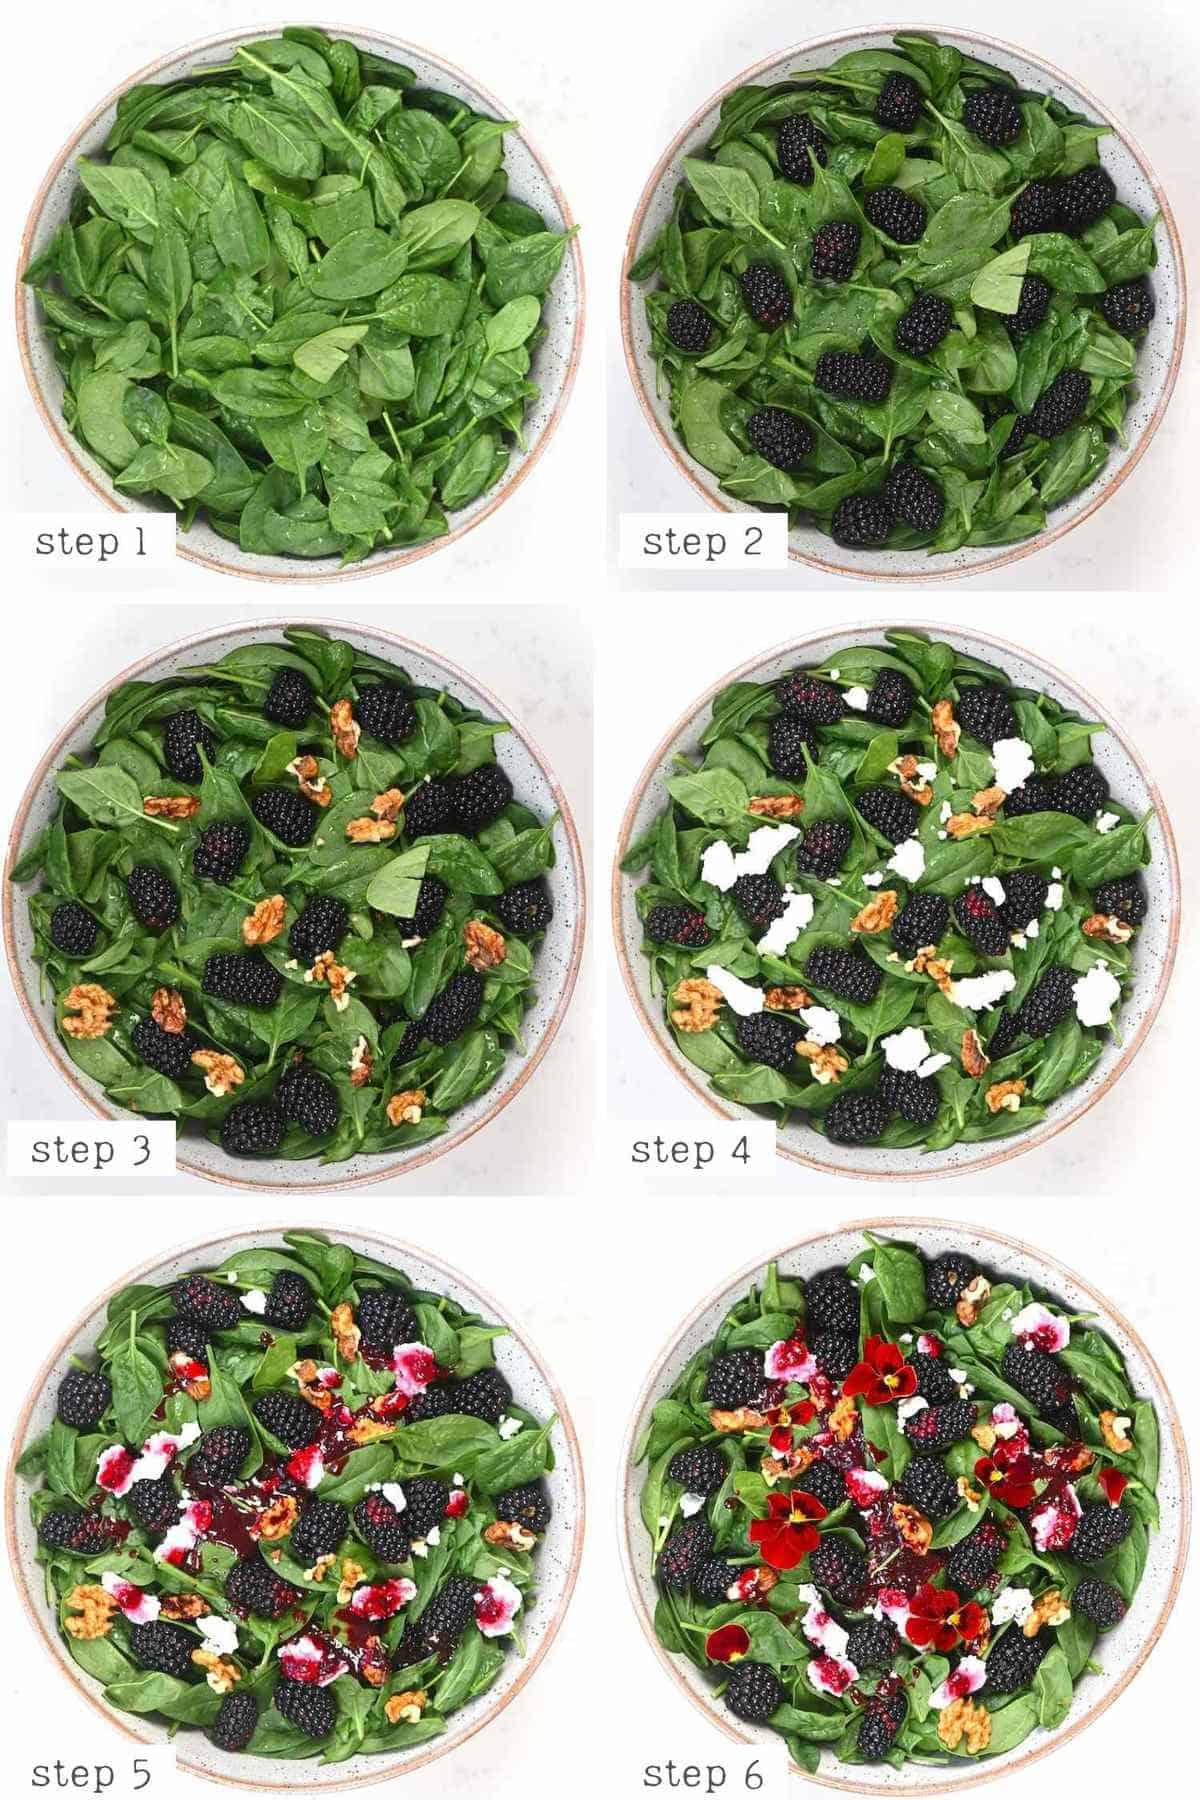 Steps for making blackberry Salad